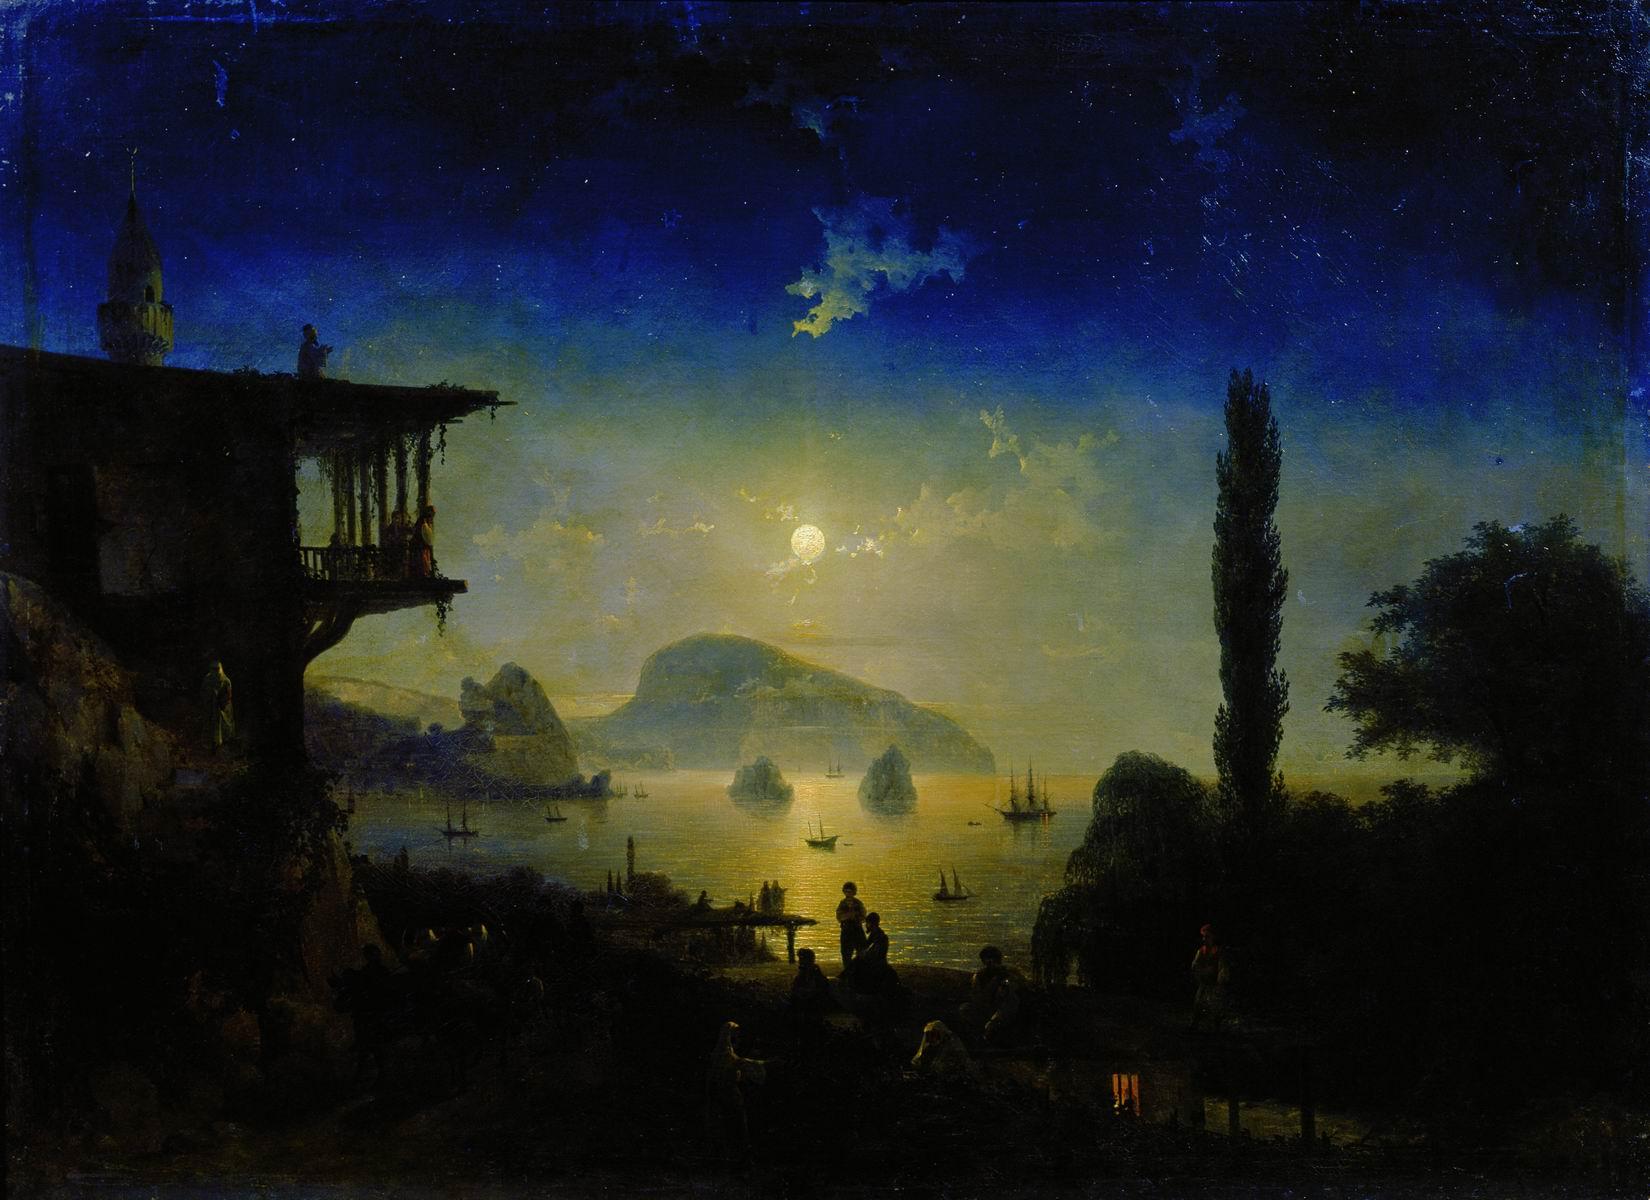 к айвазовский лунная ночь картинка мотоблока для хозяйственных